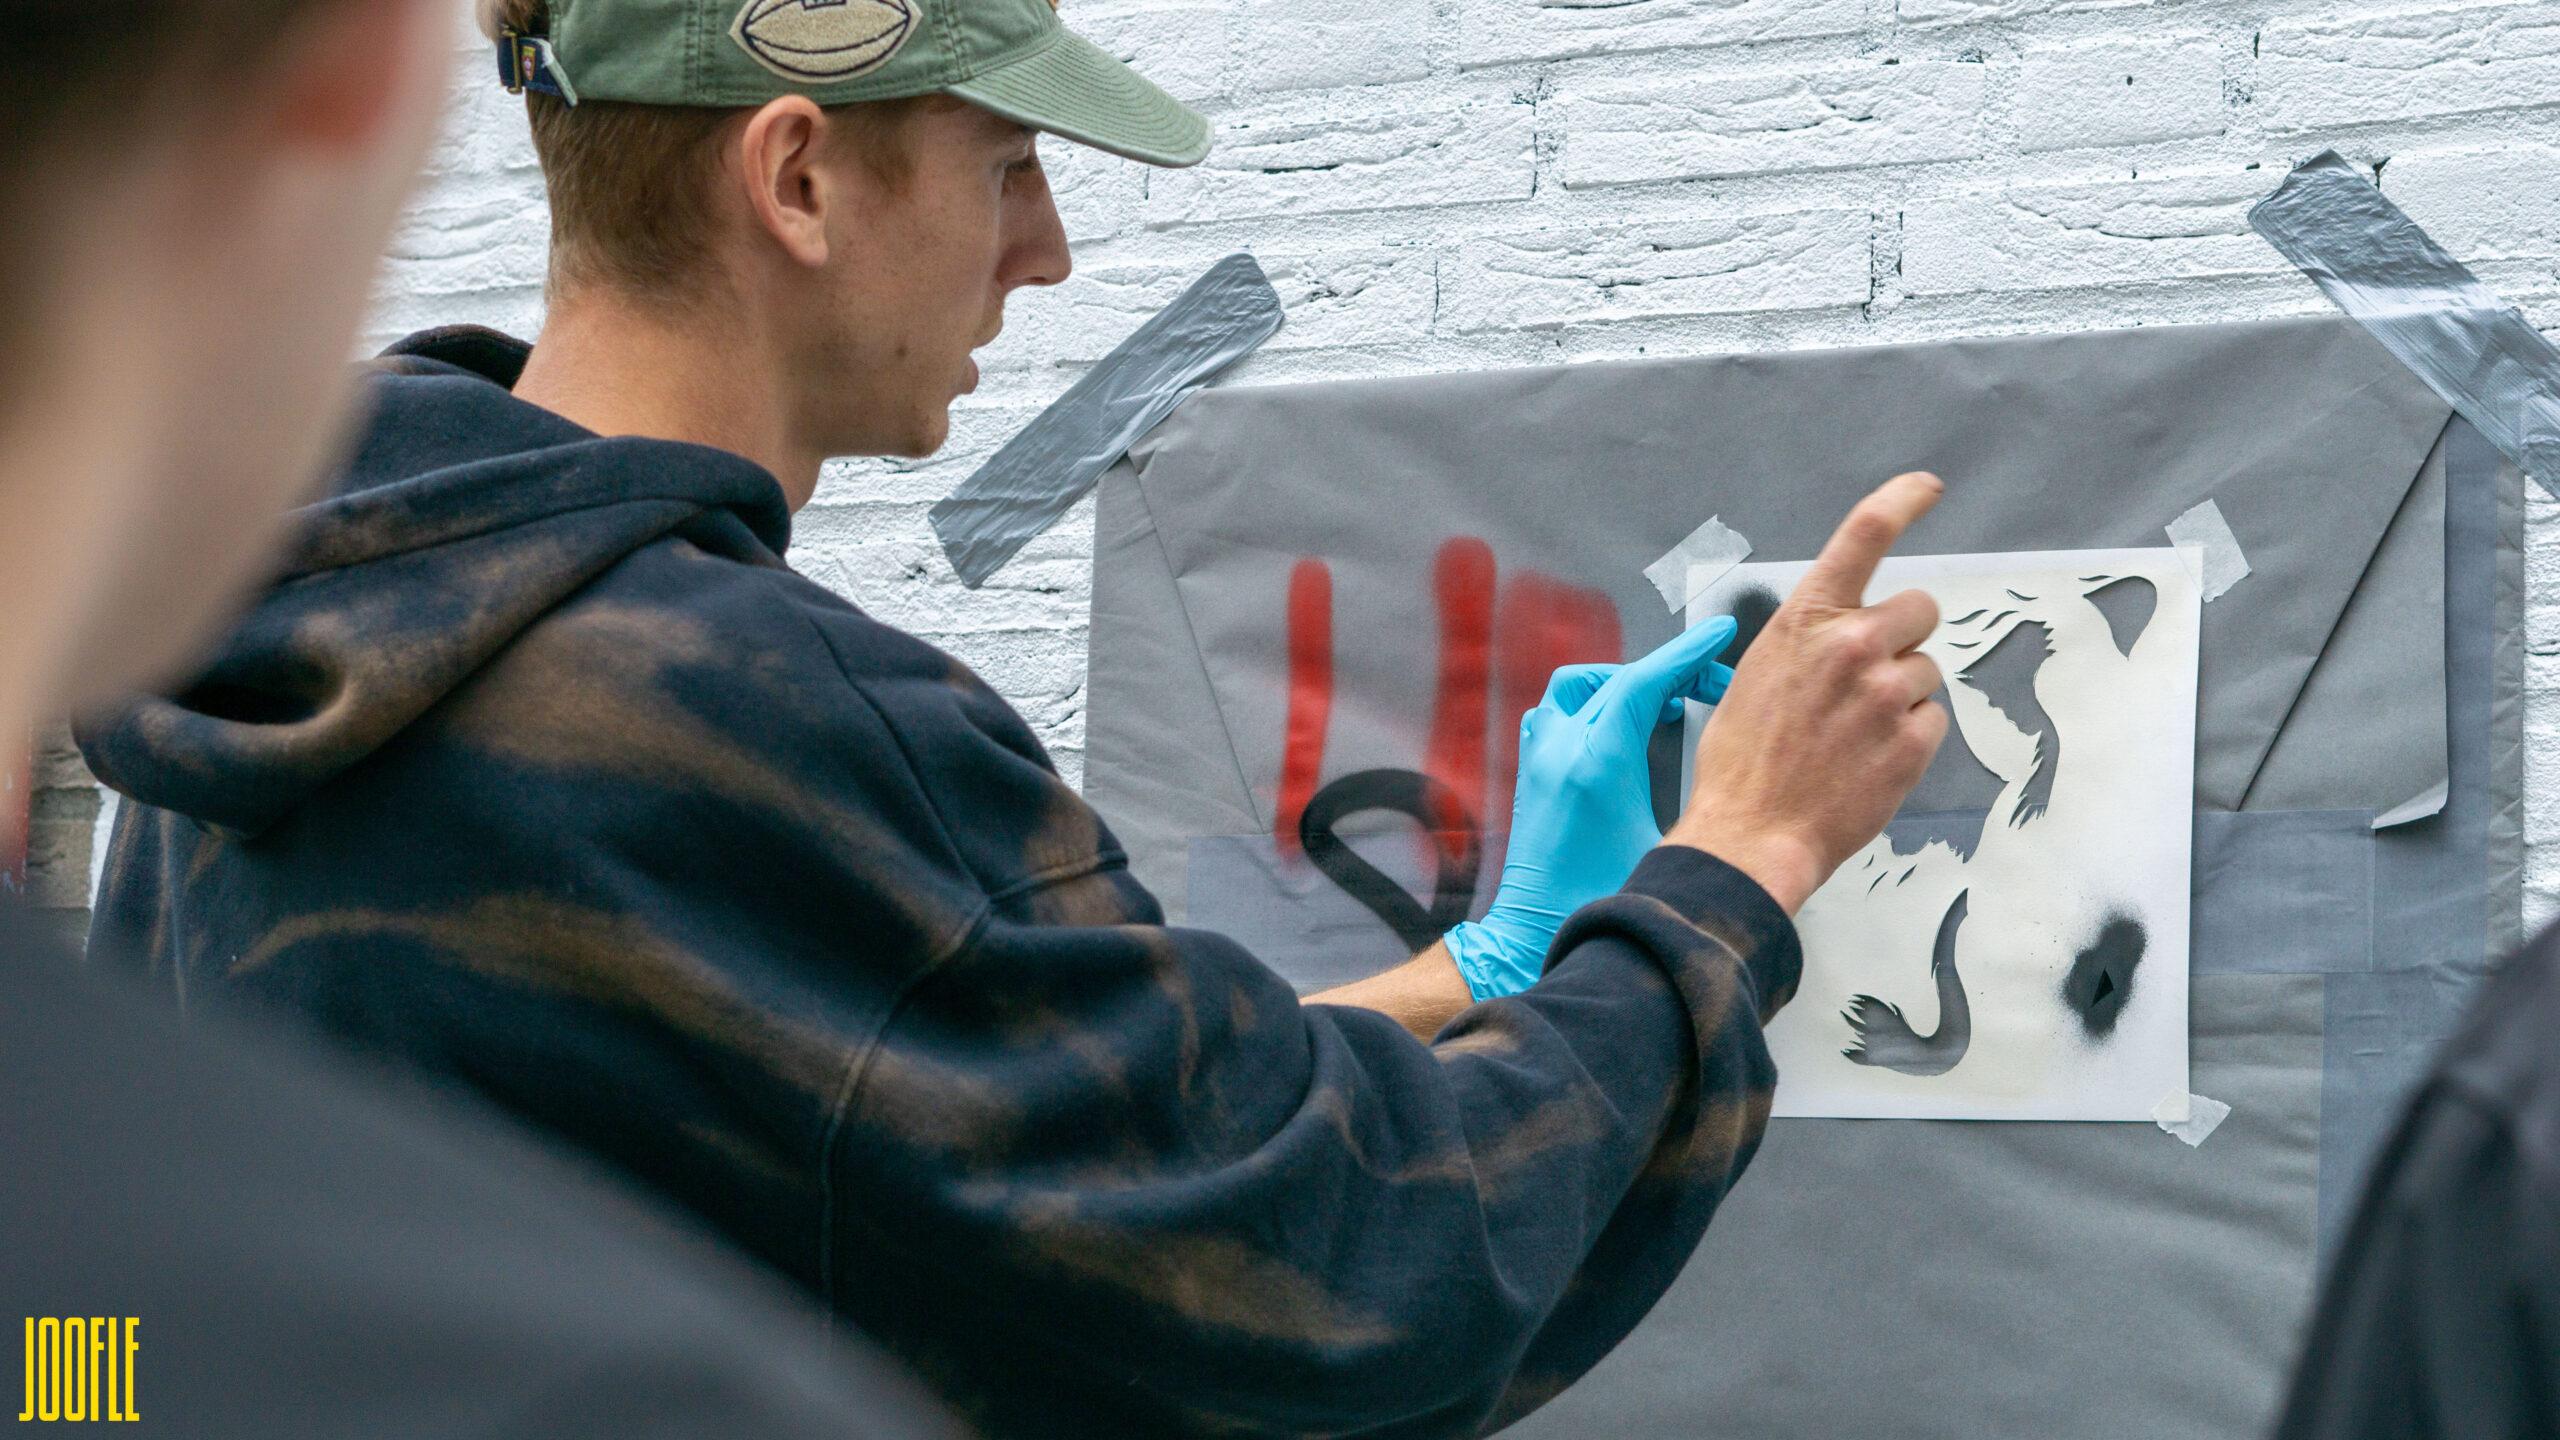 MDT_BAAS Streetart actie Leerdam Reclamebureau Joofle Reclame